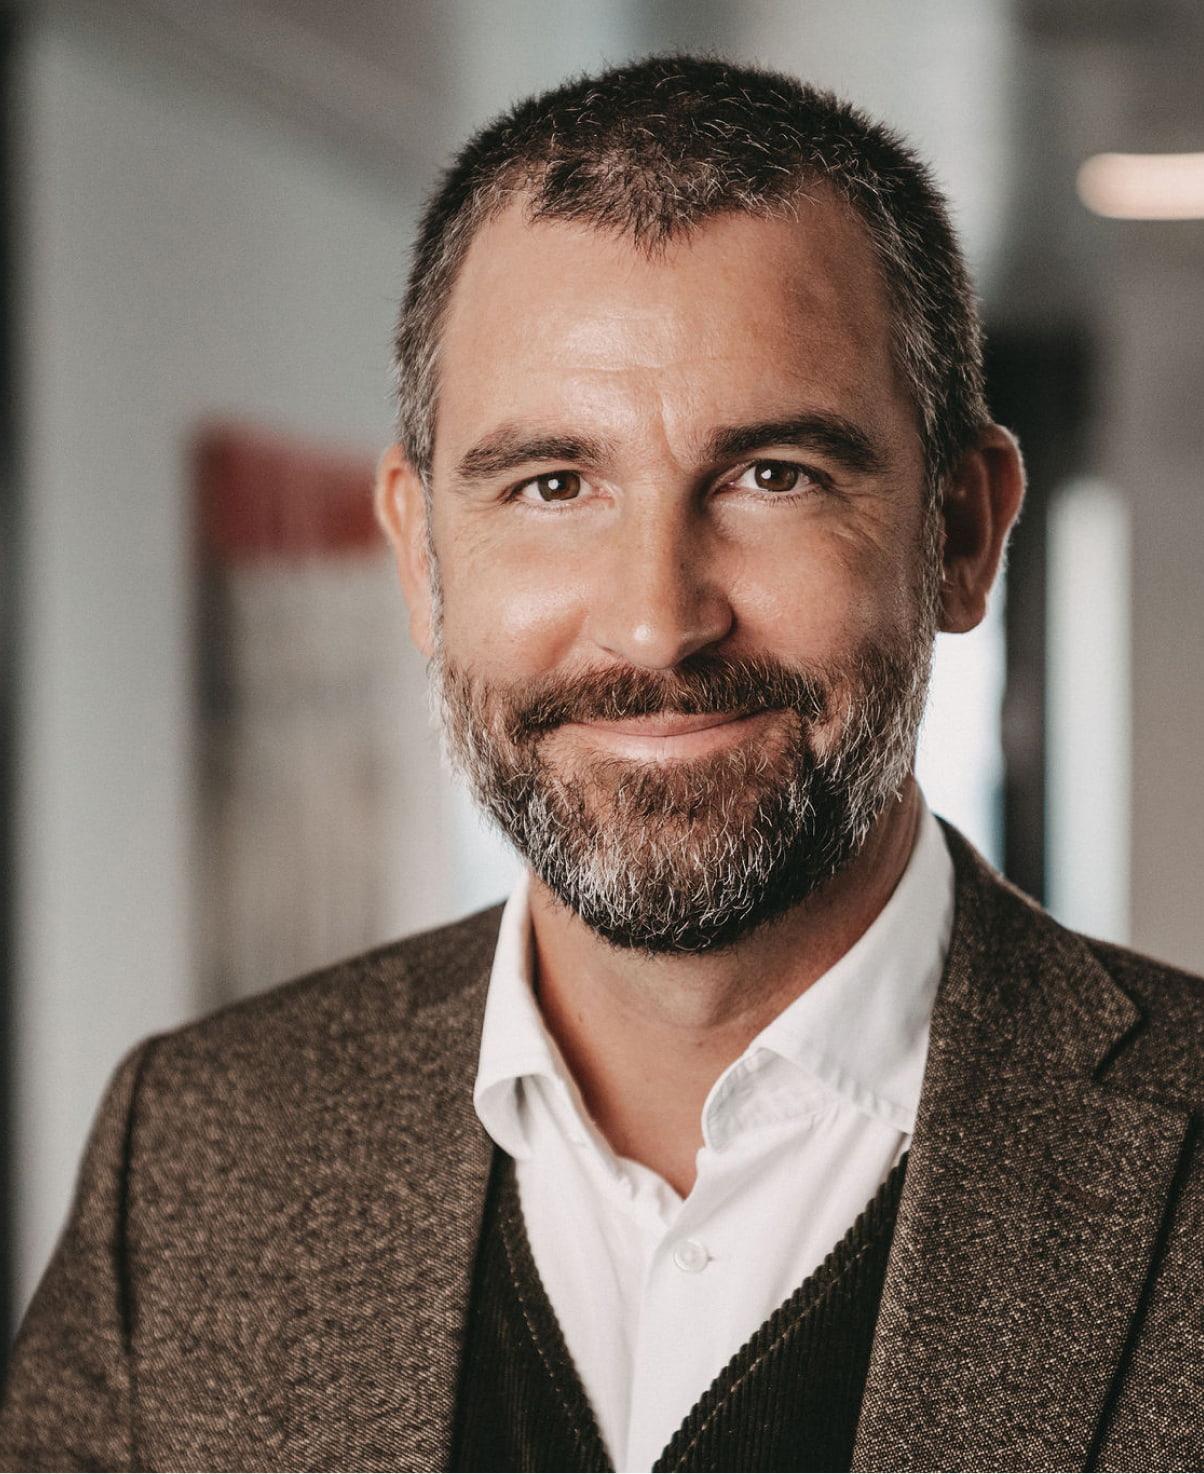 Christoph Kaspar